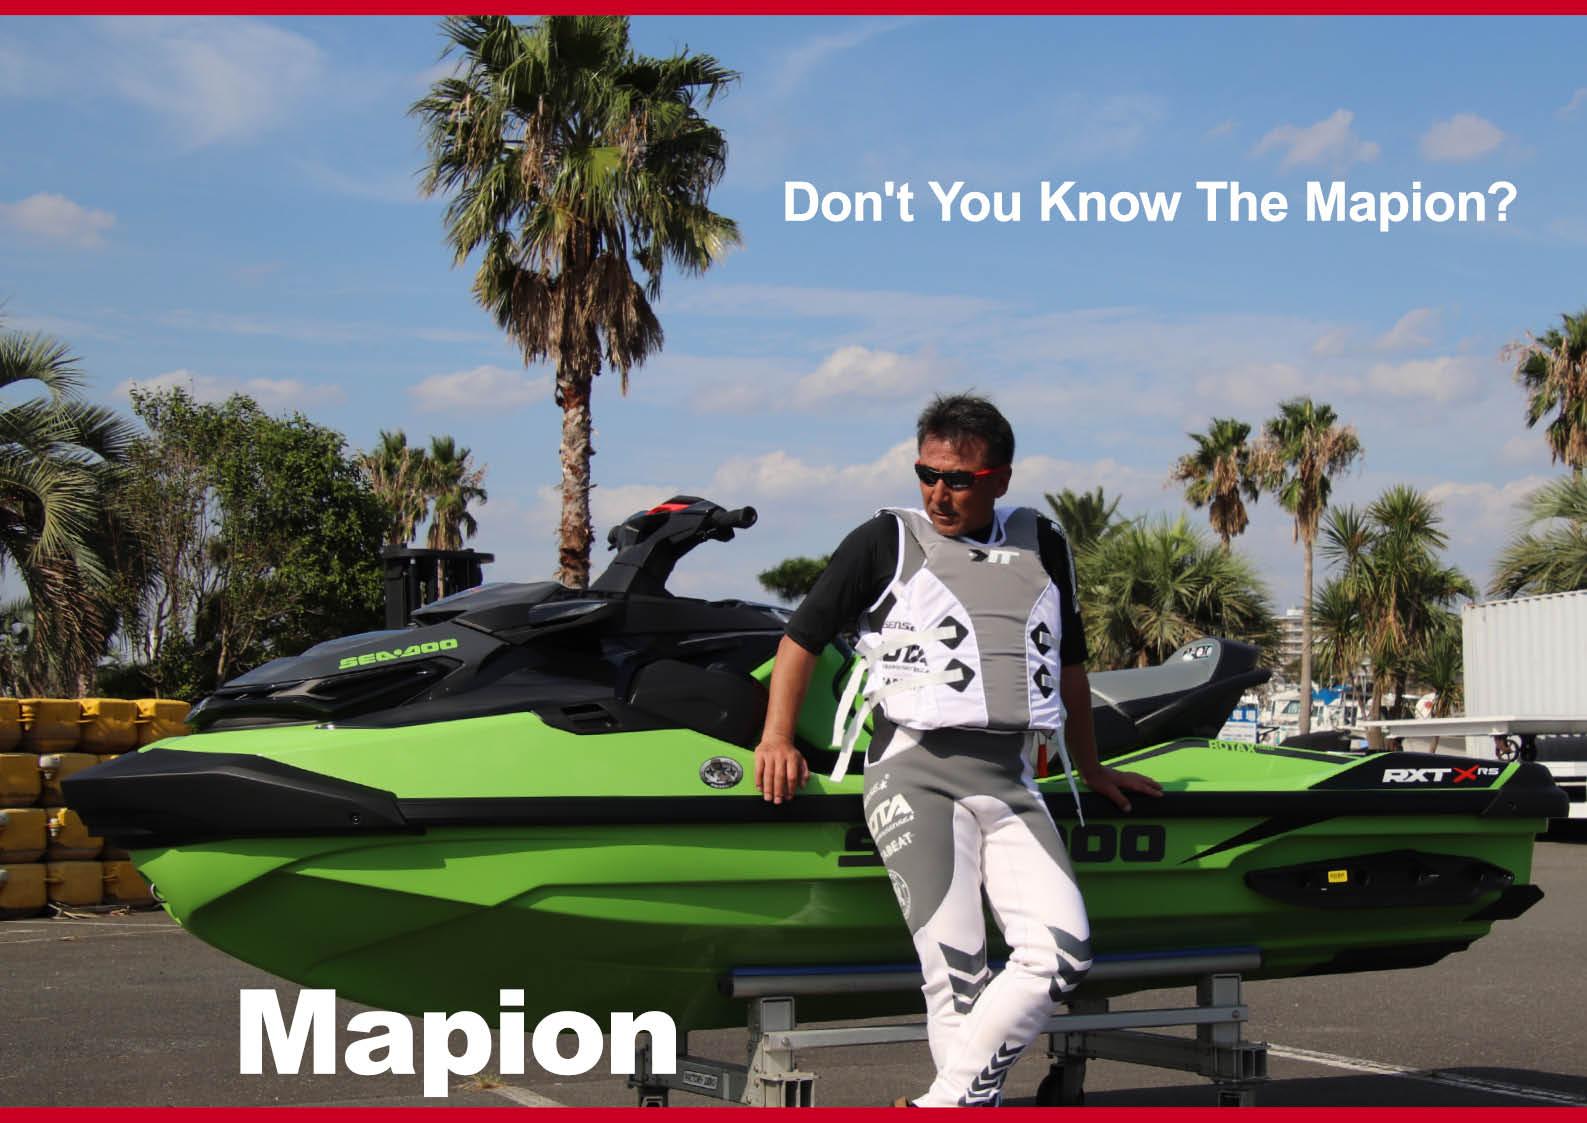 海に出る人が使う天気予報「マピオン」とは ジェットスキー(水上バイク)